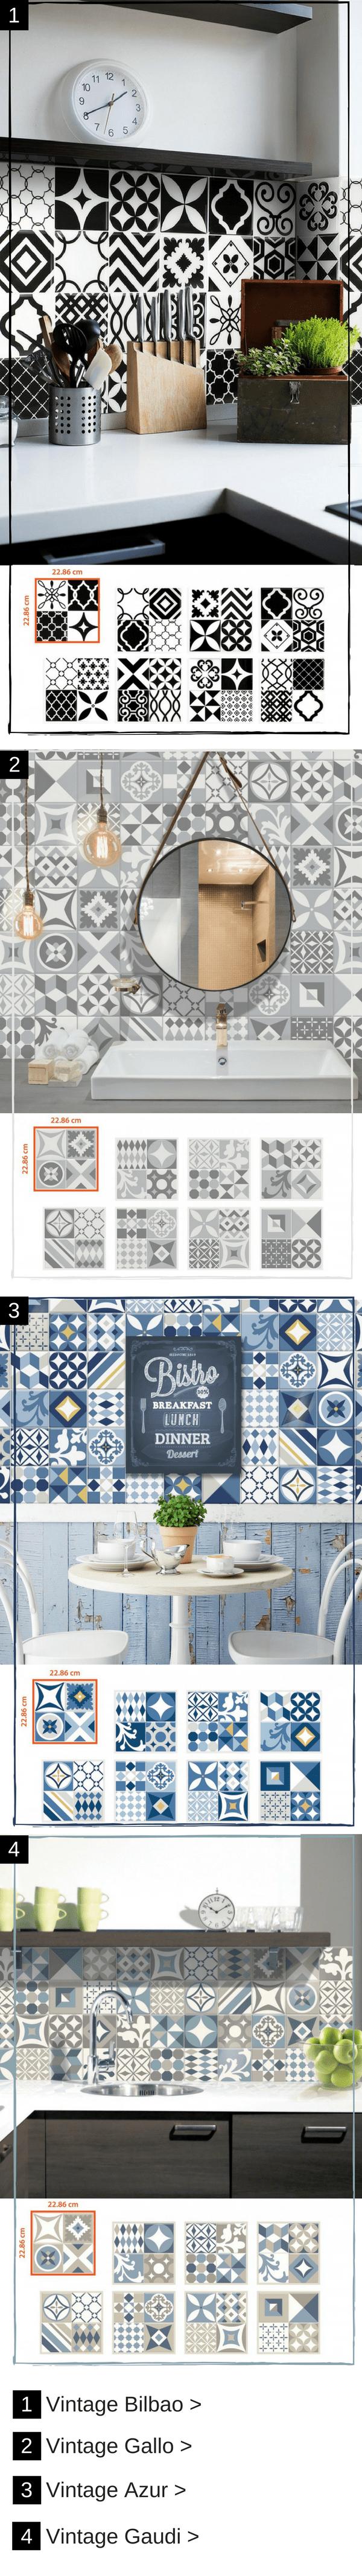 Ces Plaques De Carrelage Adhesif Imitent Les Carreaux De Ciment Carrelage Adhesif Carrelage Carreau De Ciment